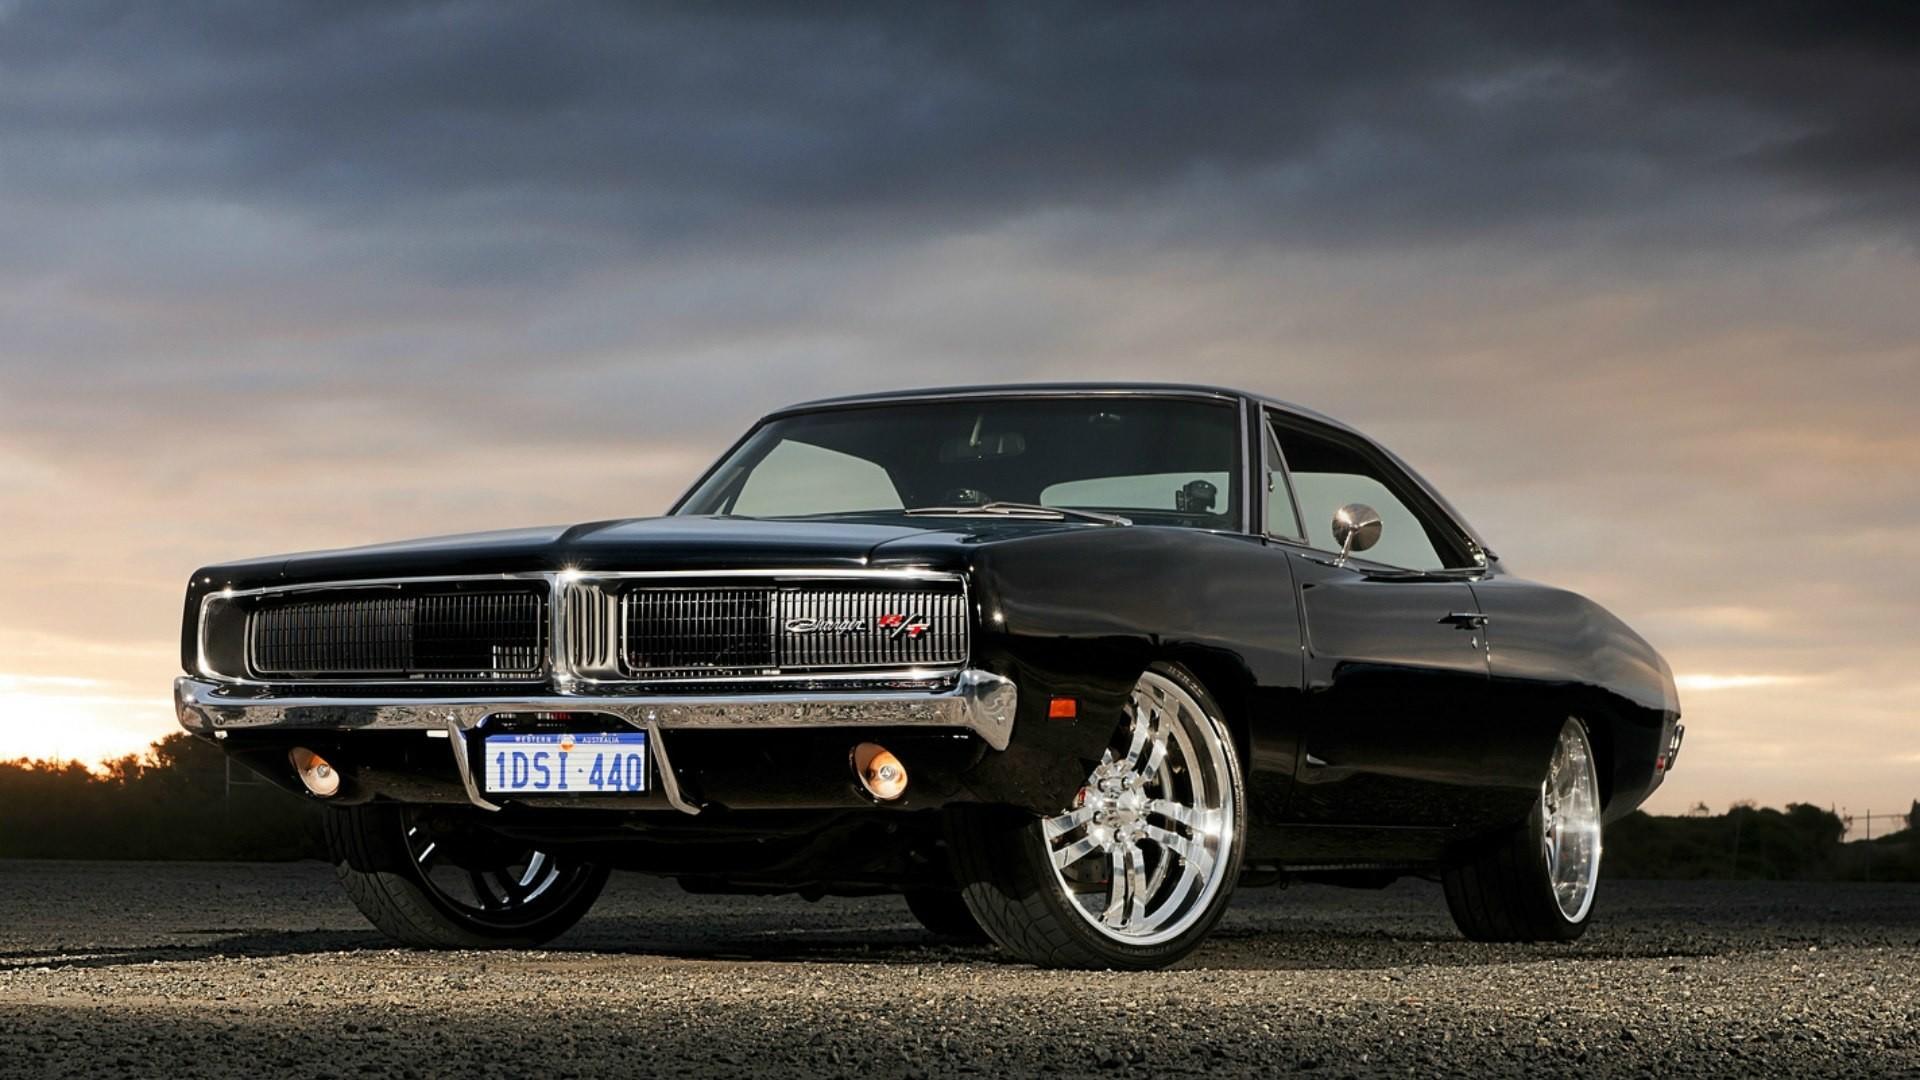 1969 Dodge Charger R T Black. dodge challenger dodge challenger wallpaper